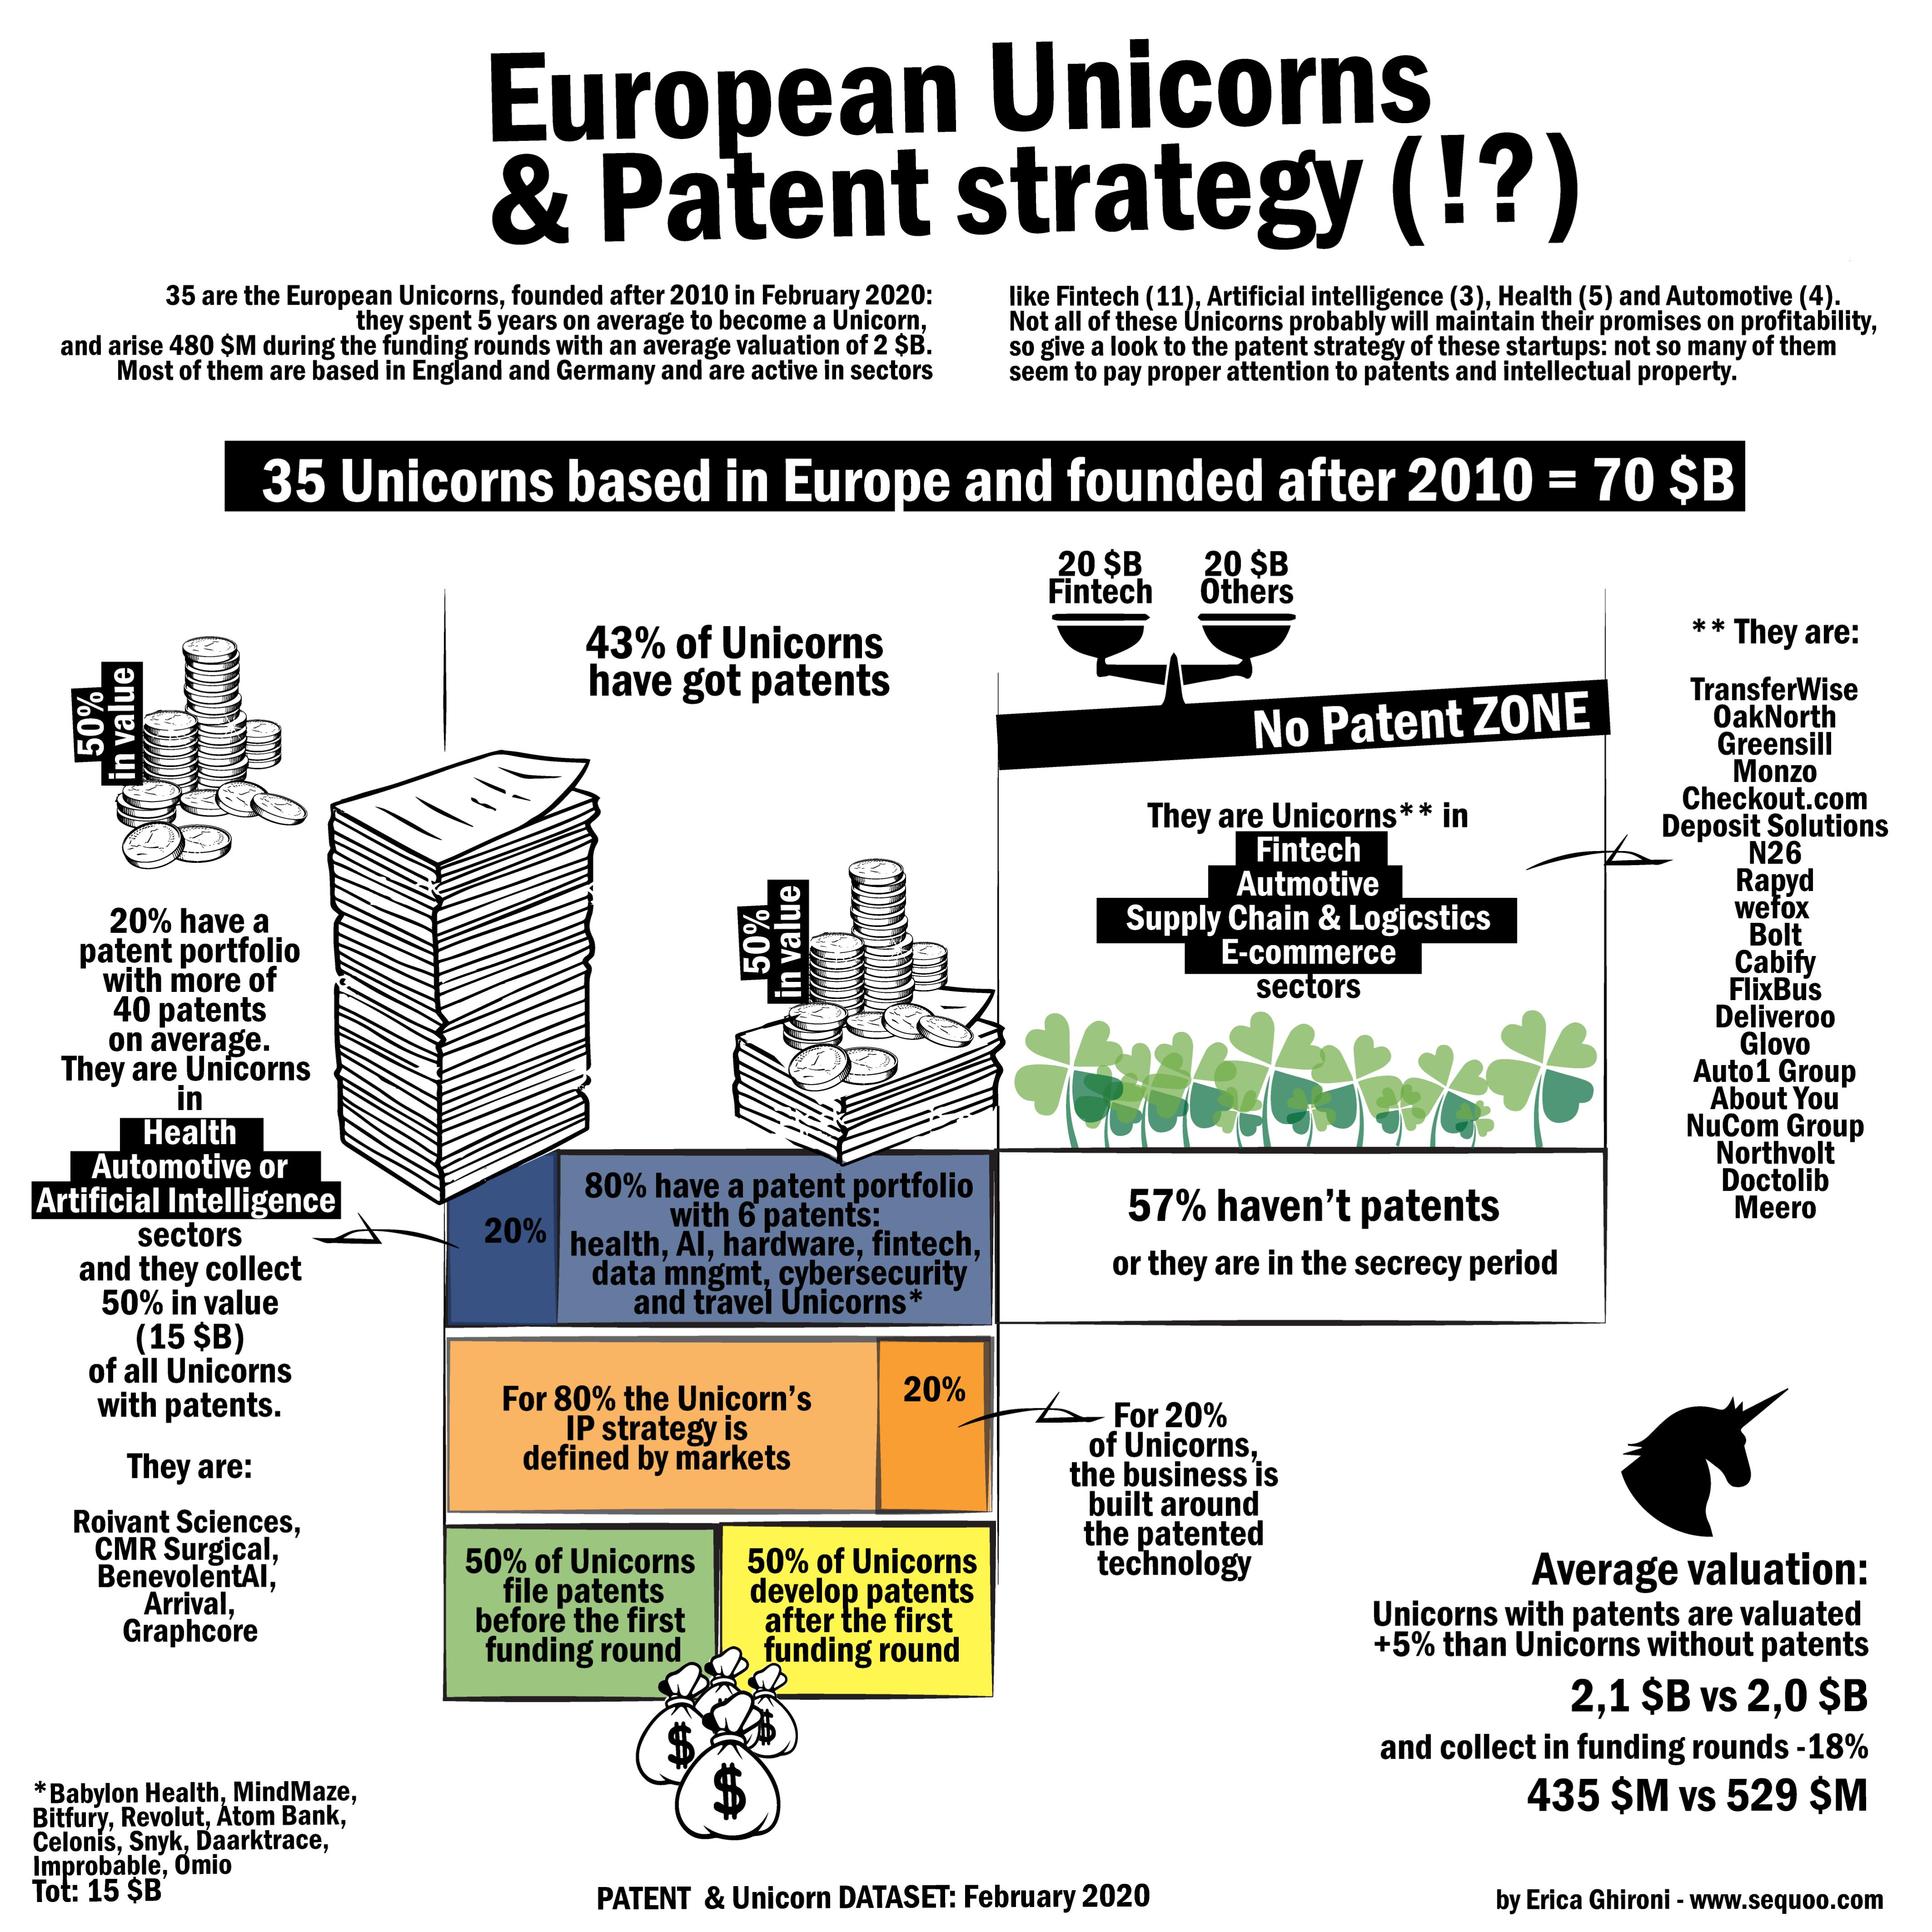 Unicorni-Europei